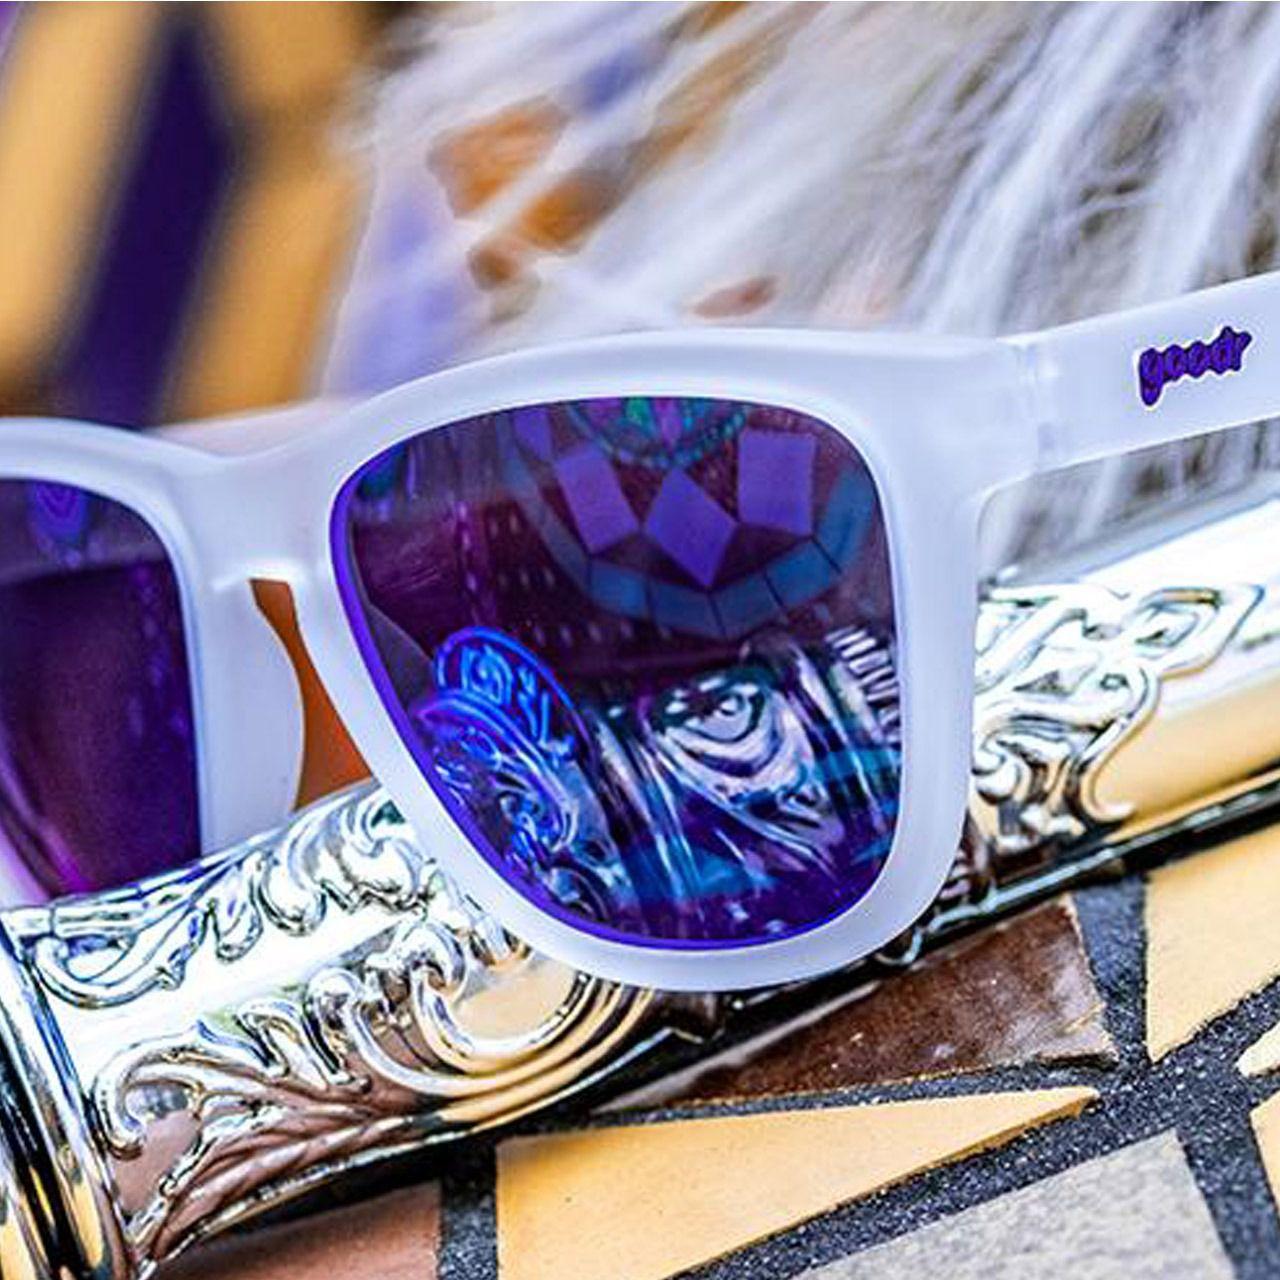 Oculos de Sol Goodr -  Power of Voodoo. Who do? You do.